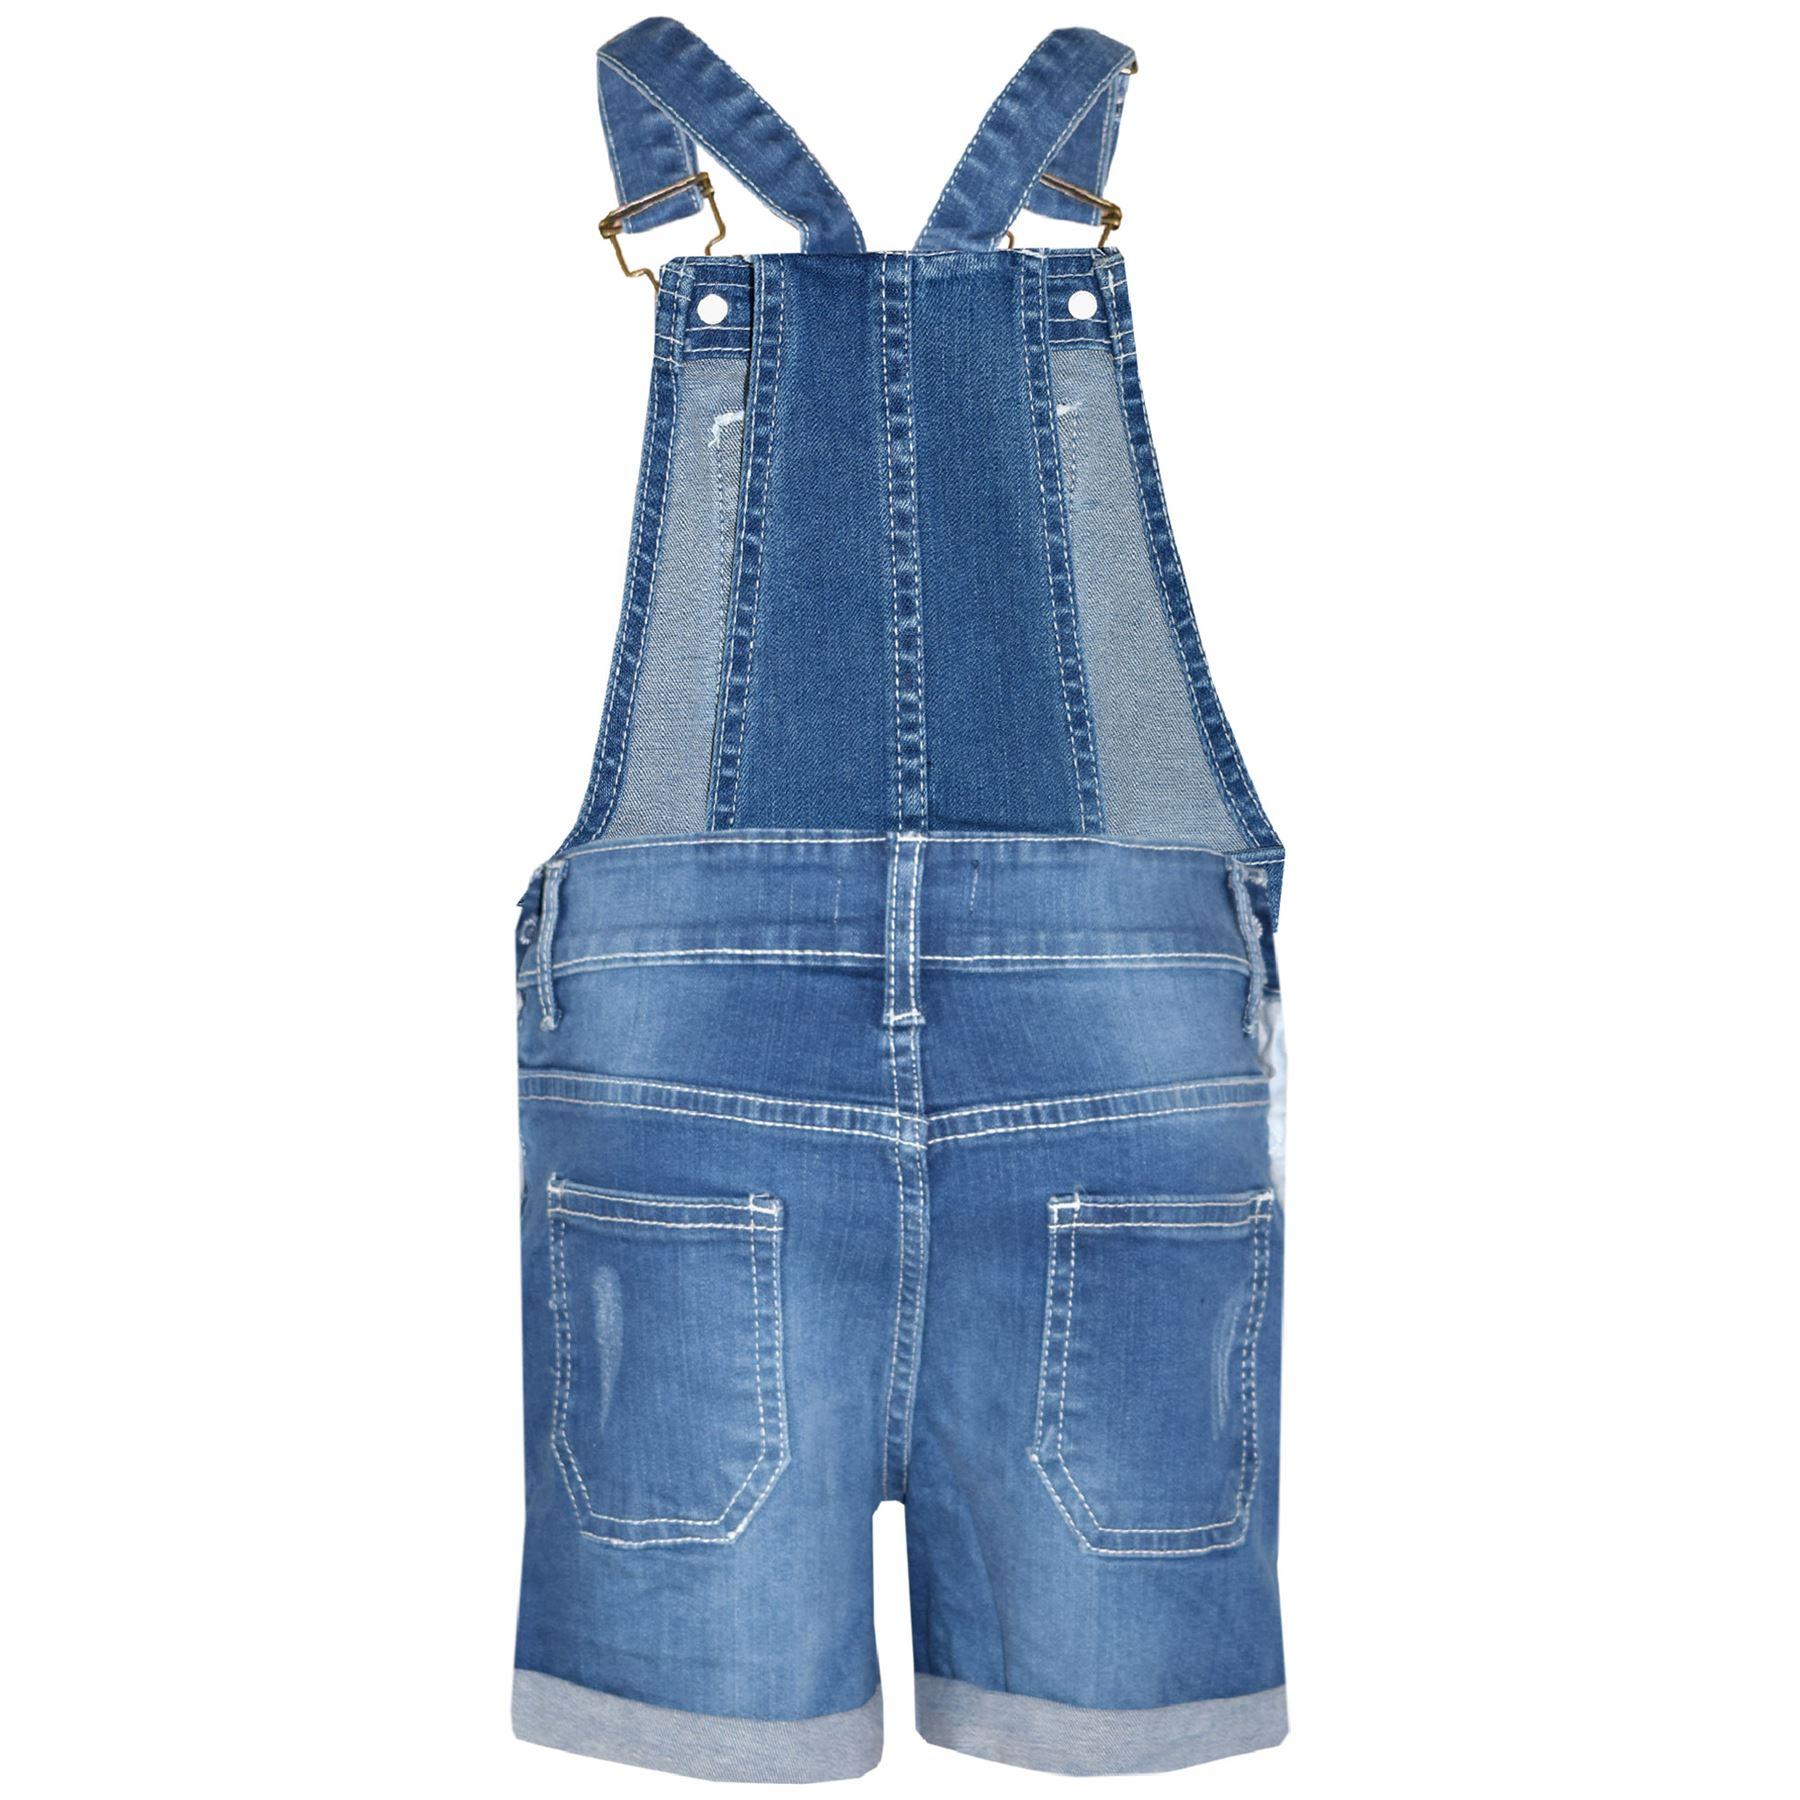 Indexbild 13 - Kinder Mädchen Latzhose Shorts Denim Gerippt Stretch Jeans Overall 5-13 Jahr